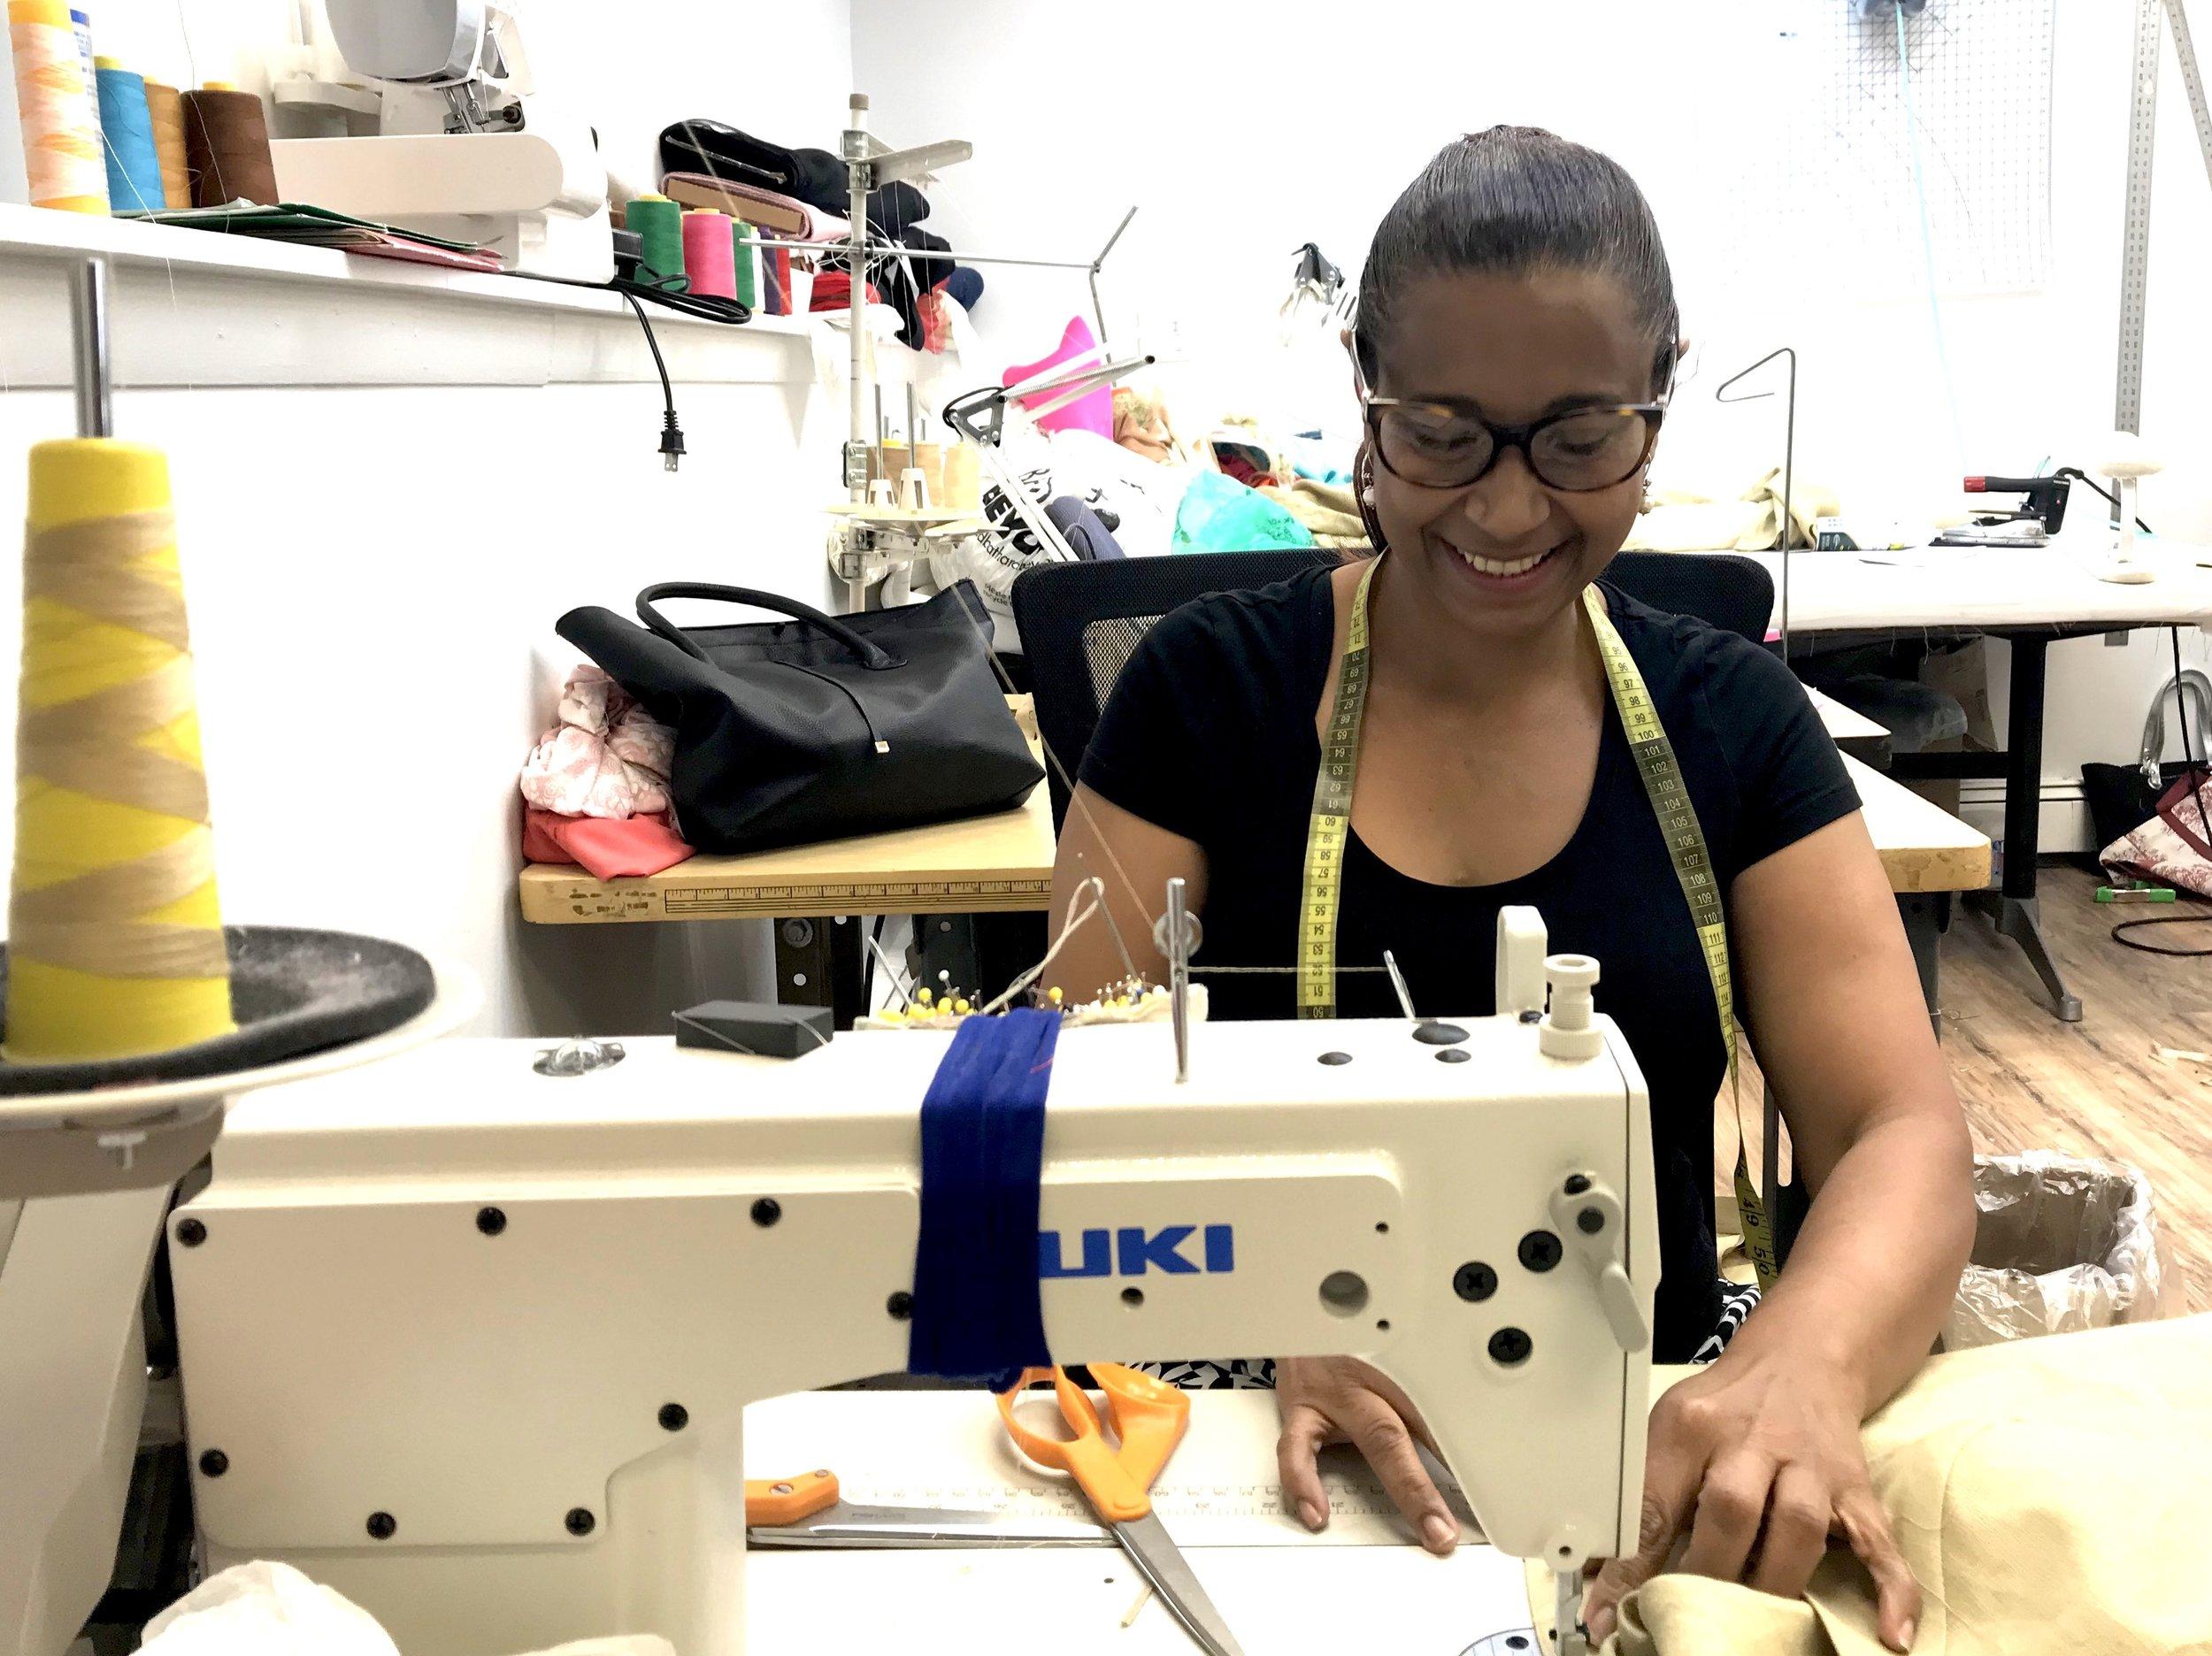 Sewing Machine Photo.jpg